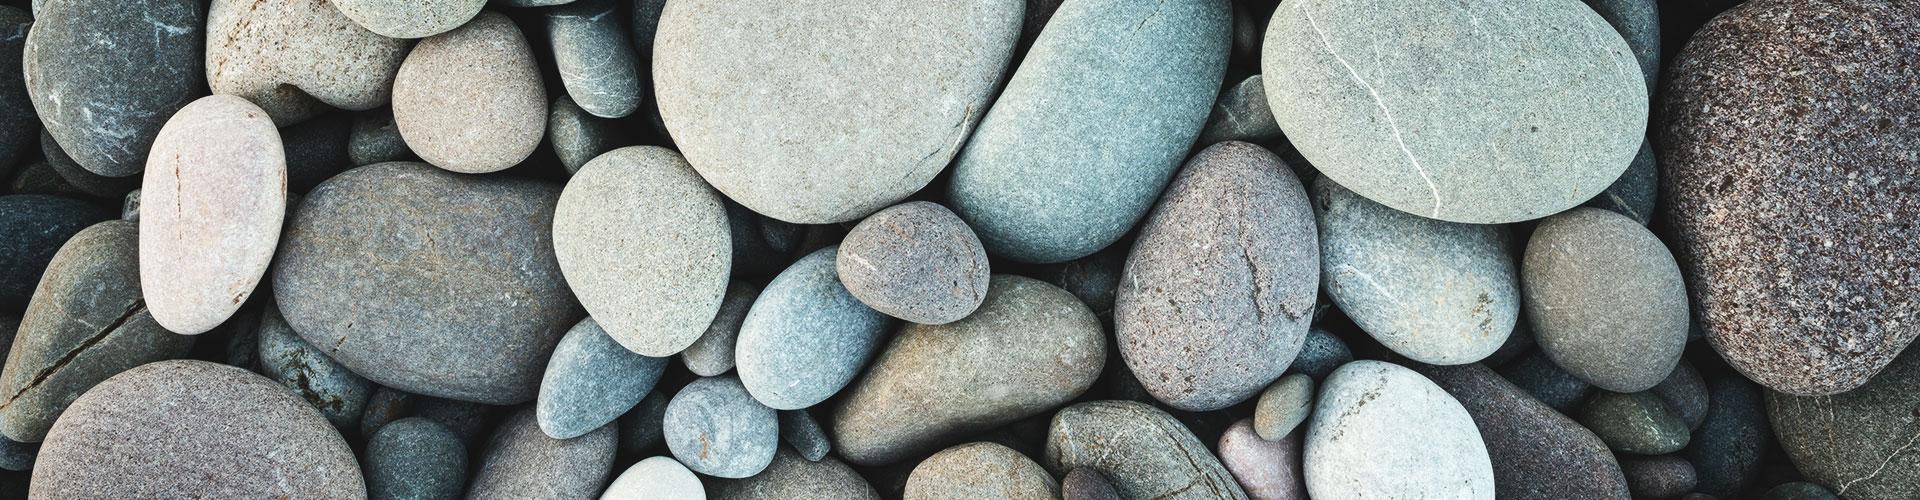 Viele helle Kieselsteine liegen auf dem Boden